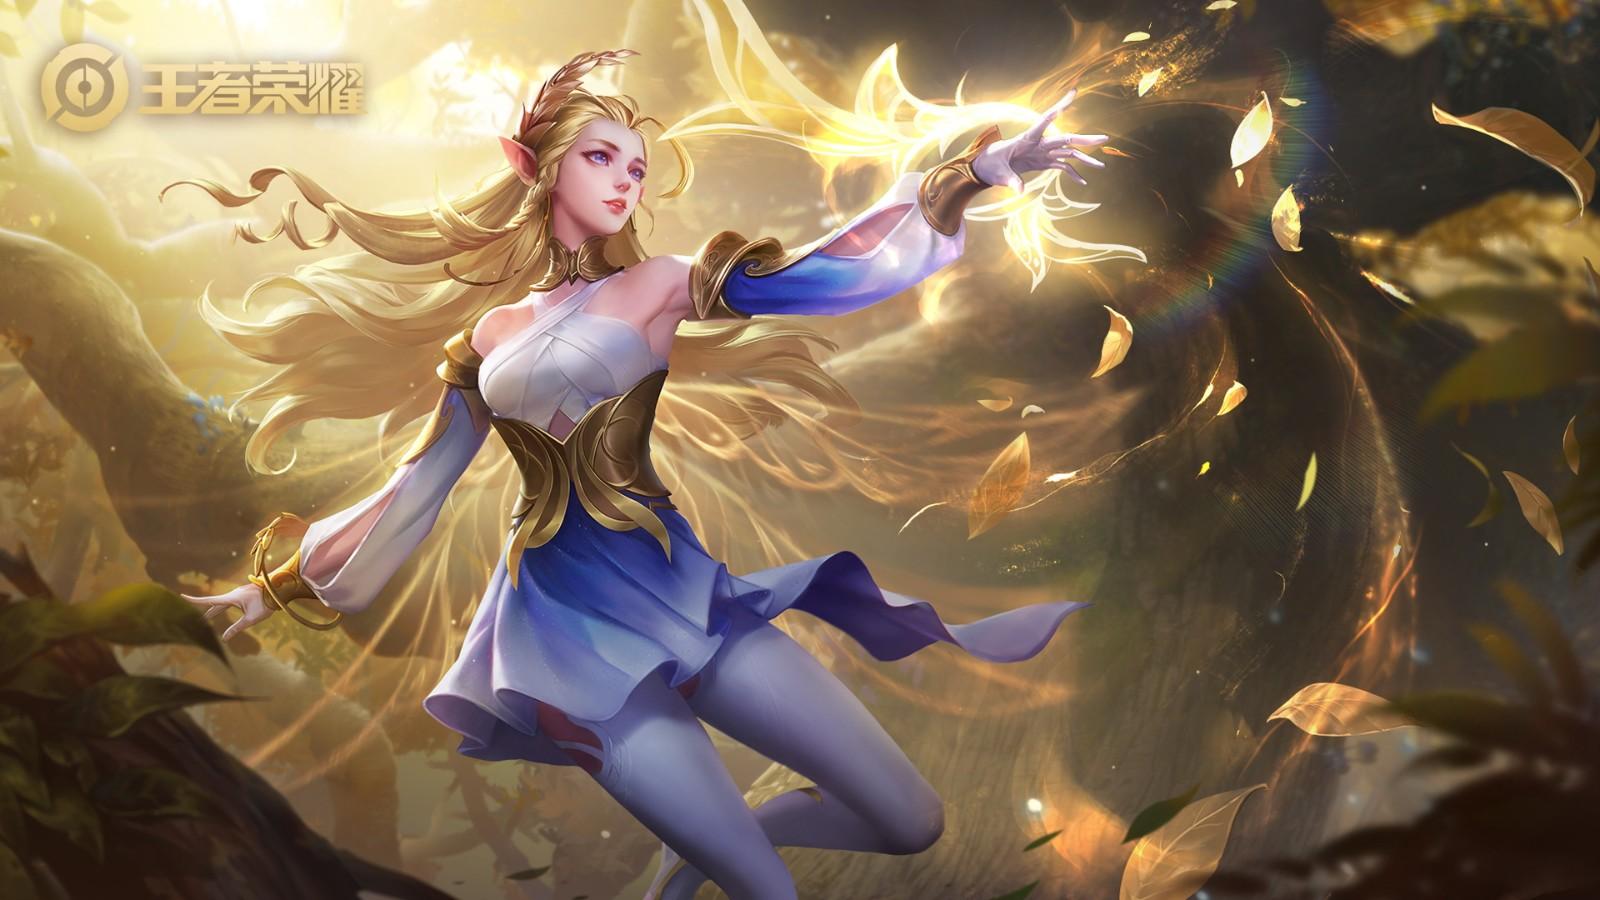 王者荣耀女英雄正能量照片 王者荣耀女英雄正能量图片大全9